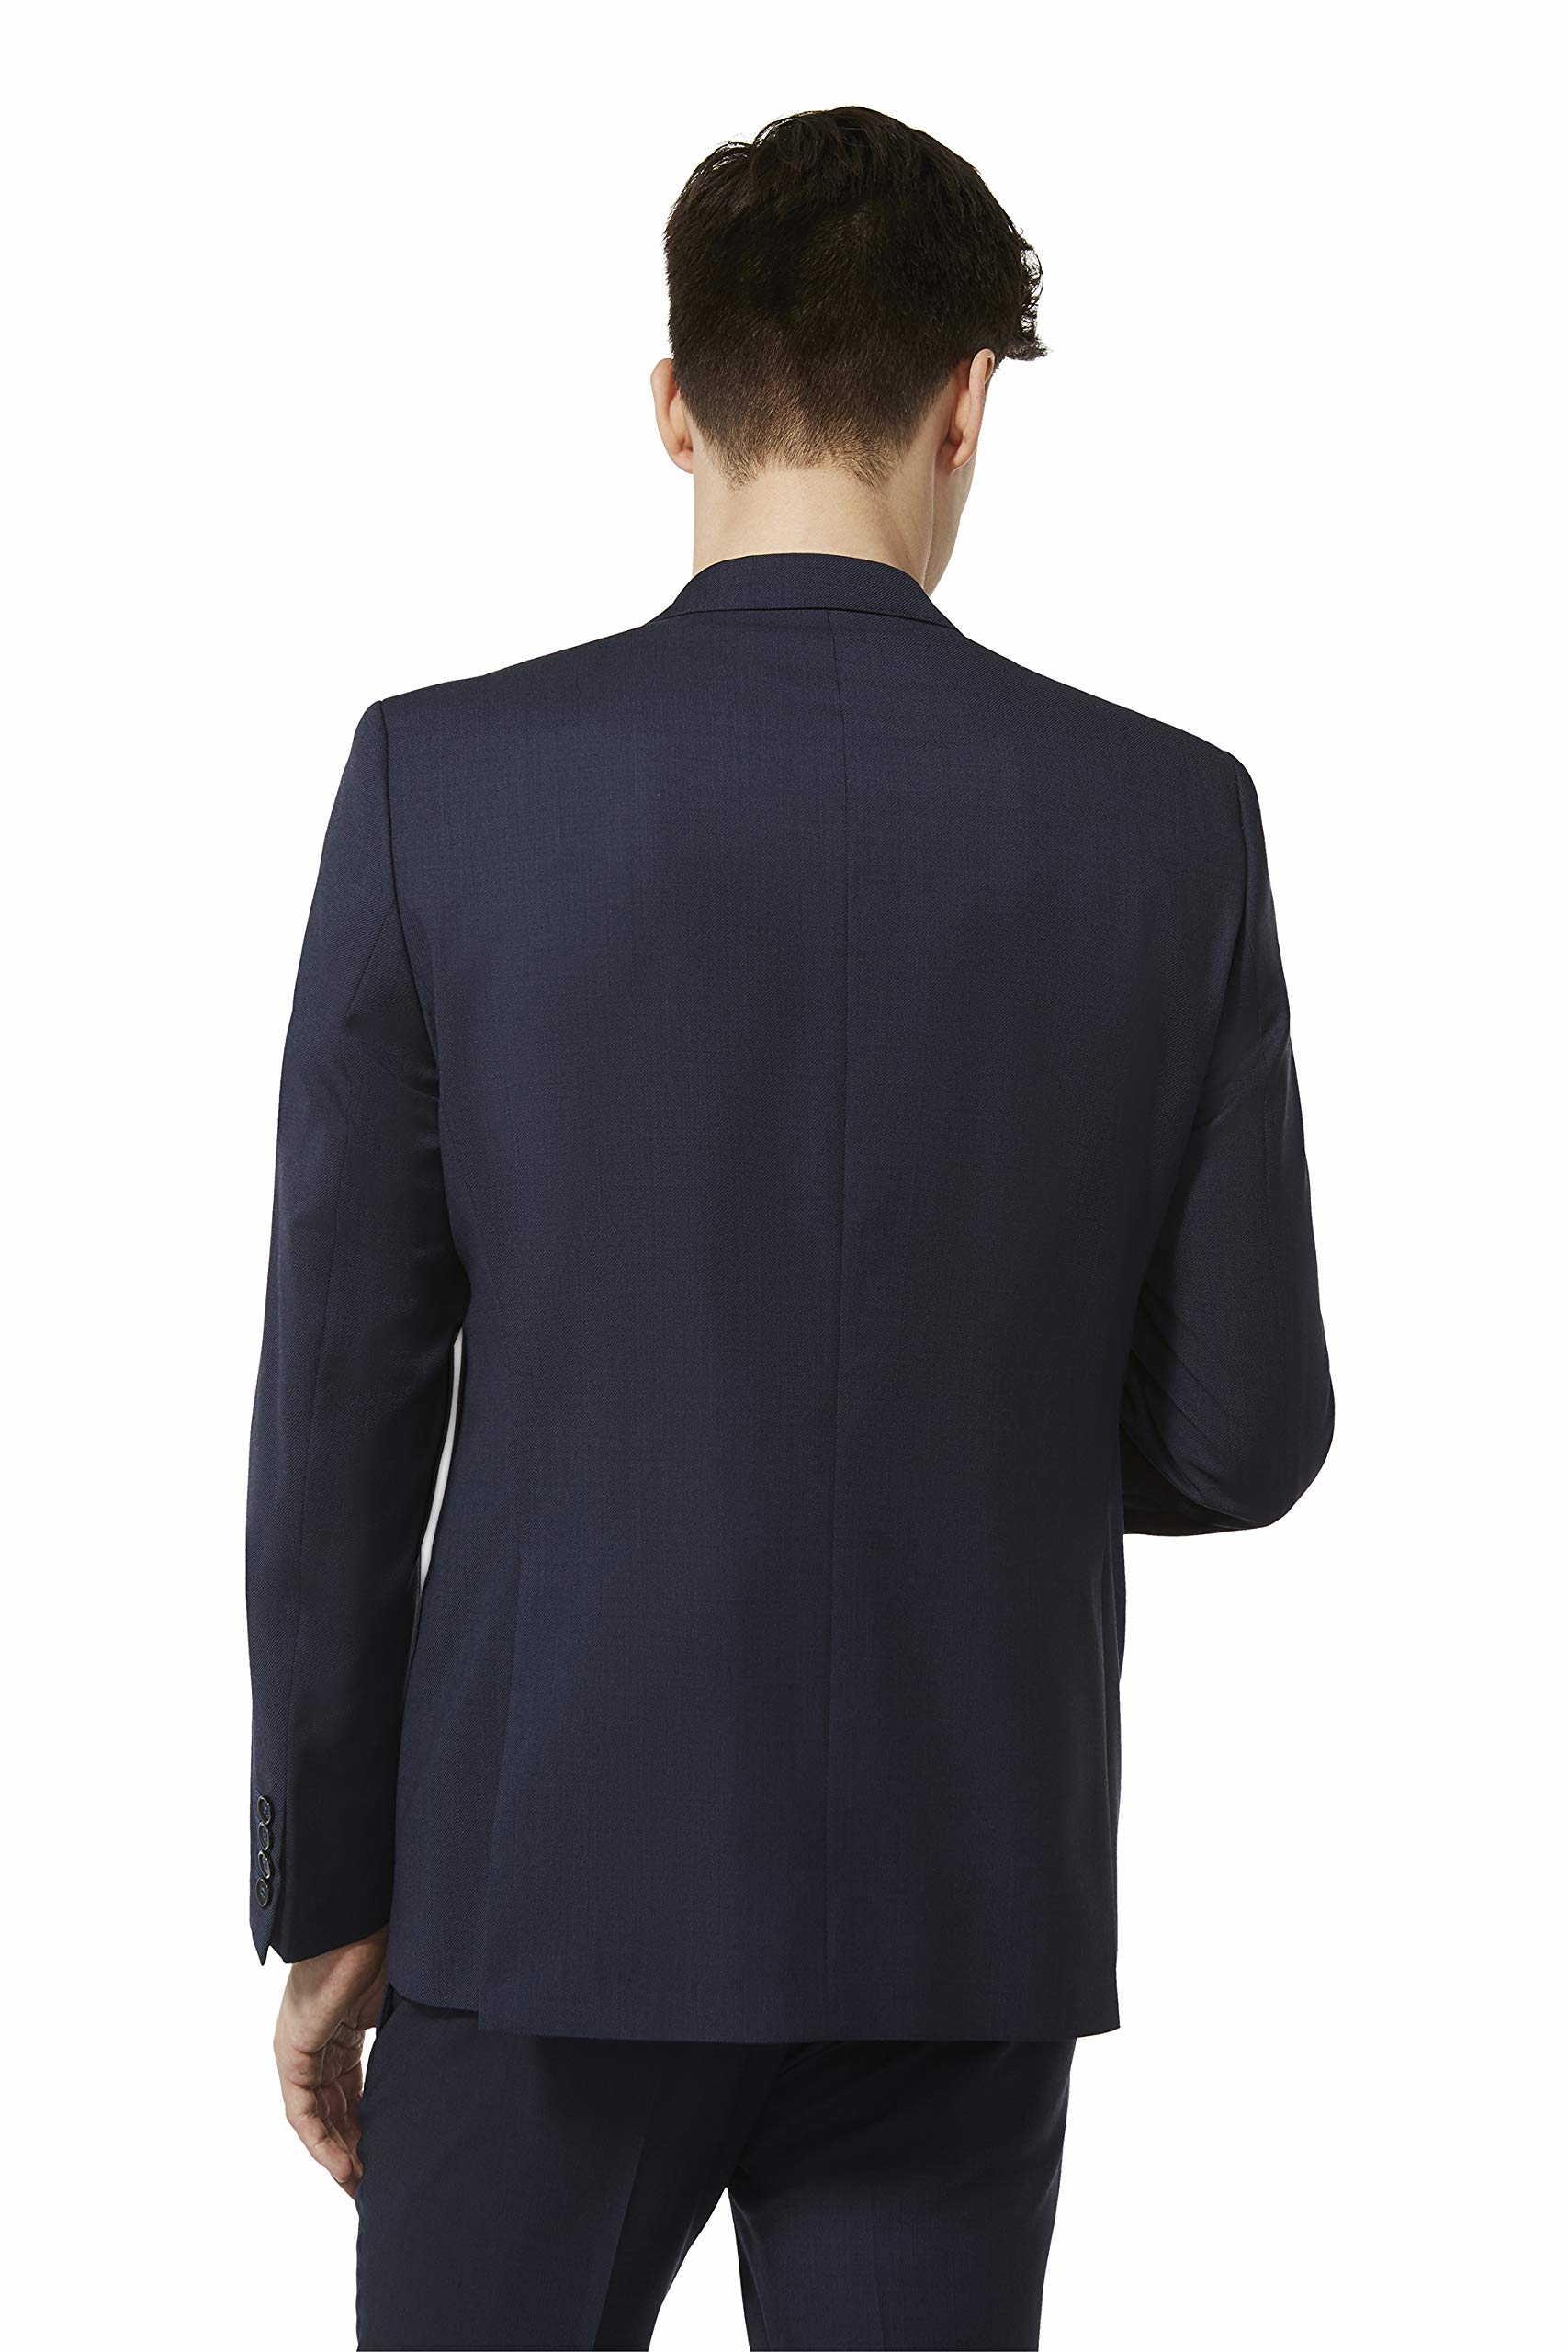 DIGEL Sakkos in blau günstig kaufen